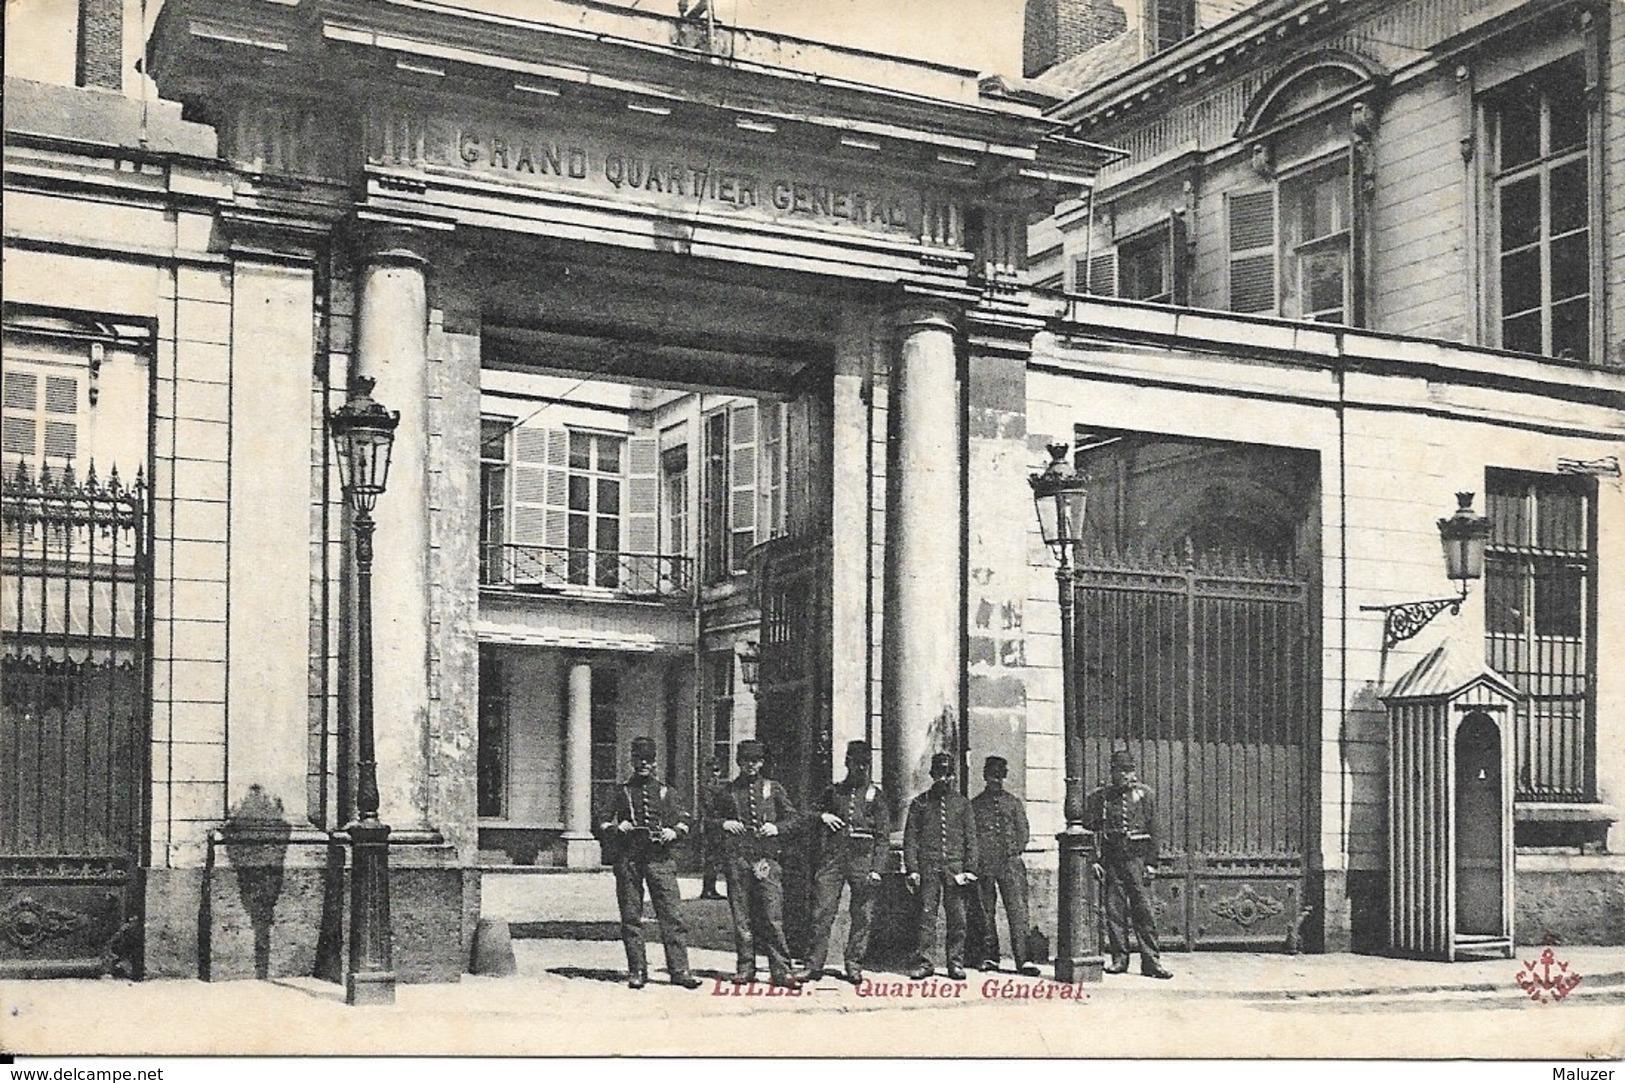 CARTE POSTALE LILLE - QUARTIER GÉNÉRAL SOLDATS MILITAIRES - Lille